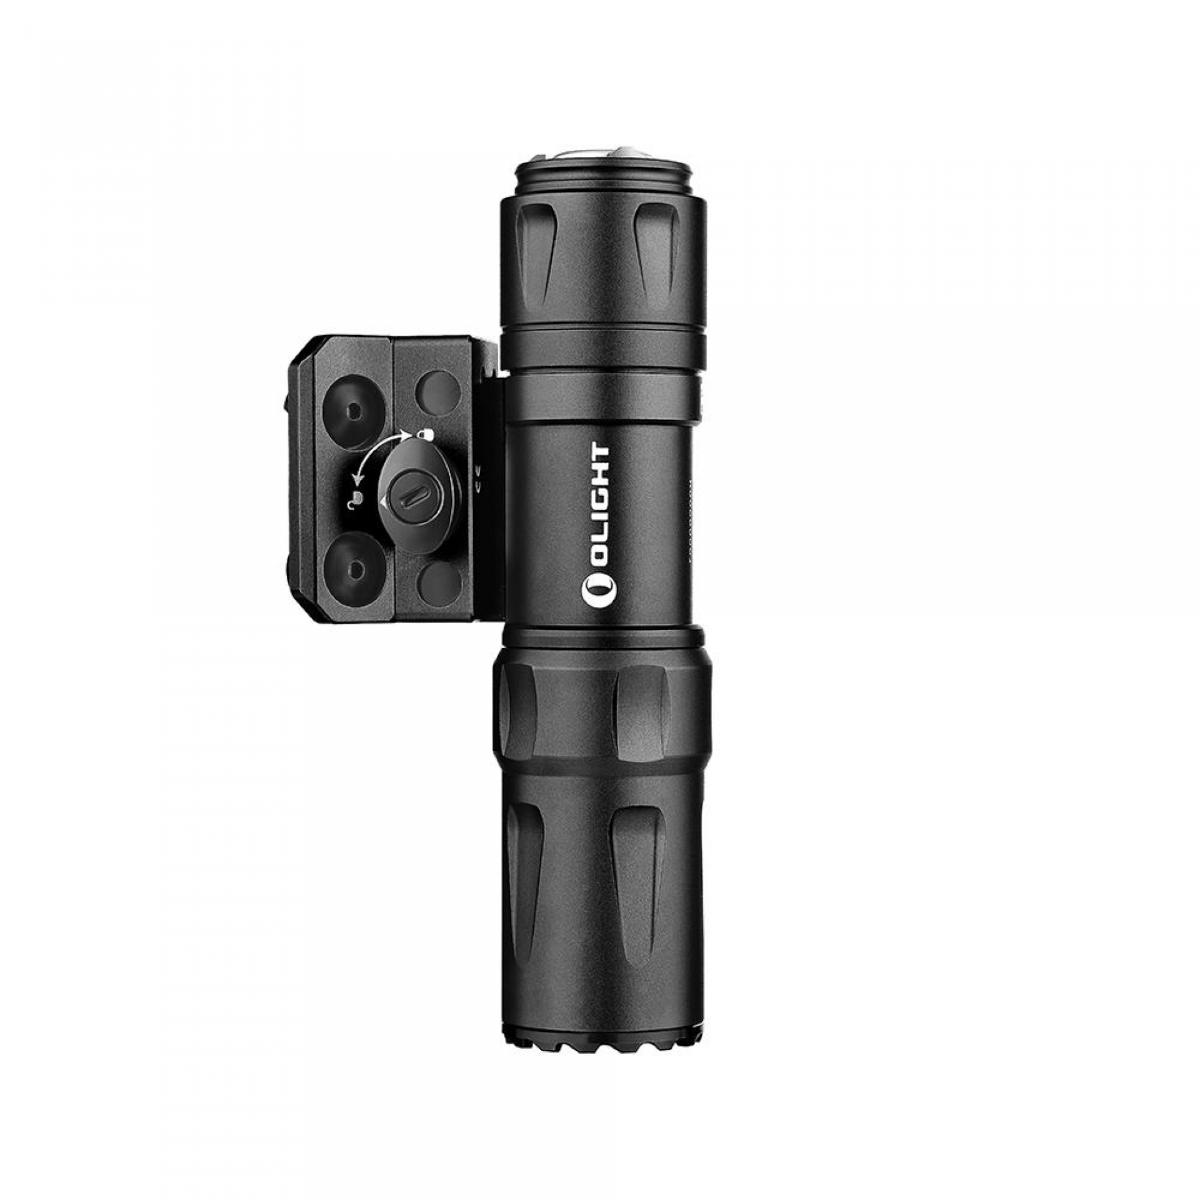 Olight Odin Mini Black 1250 lumens 240m Tactical Torch